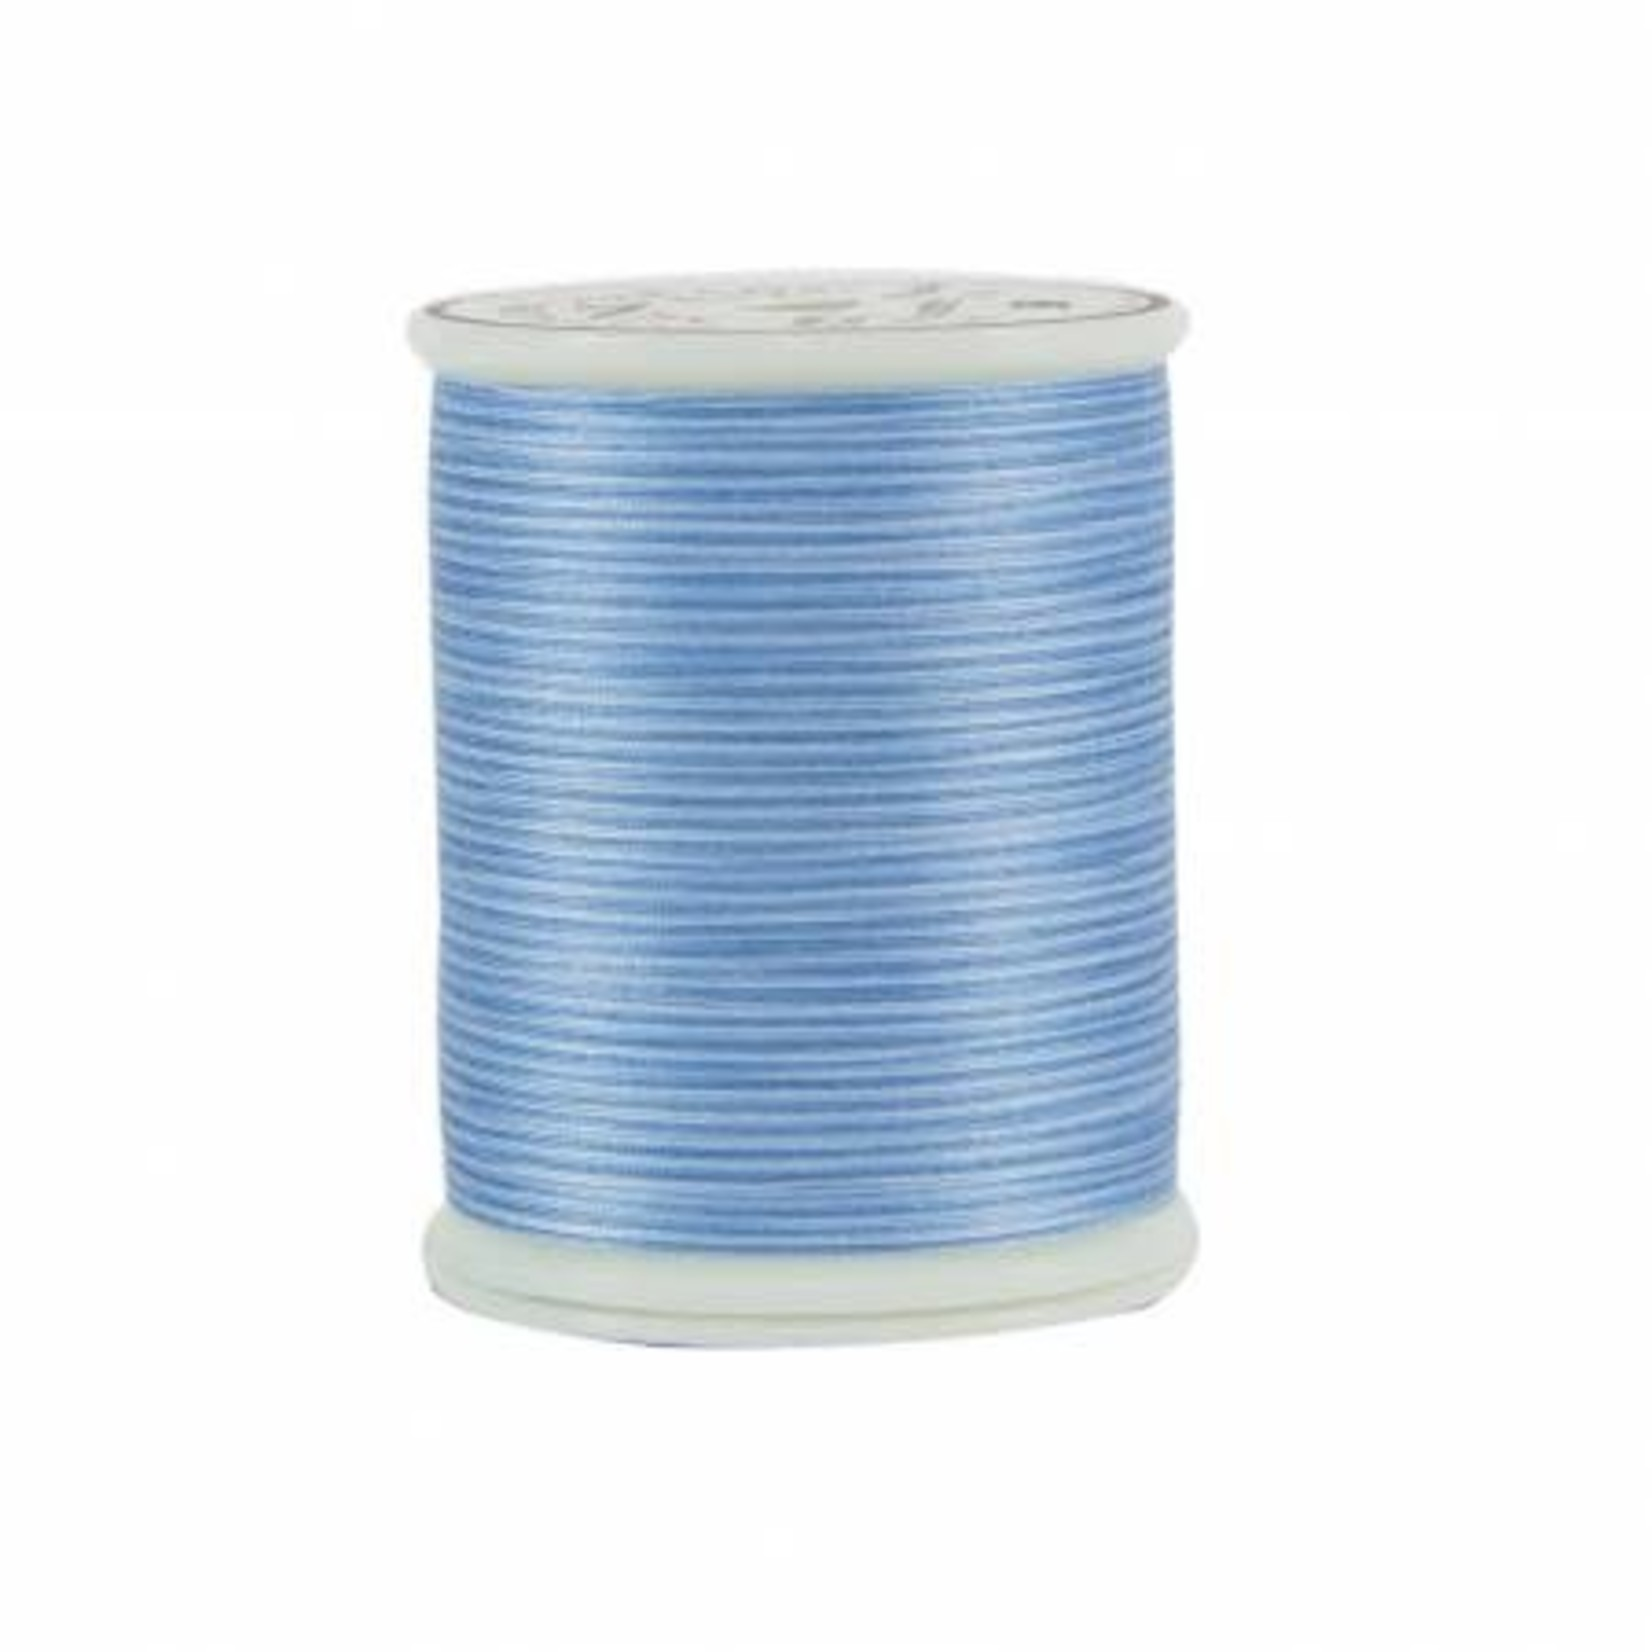 Superior Threads King Tut - #40 - 457 m - 0904 Mirage